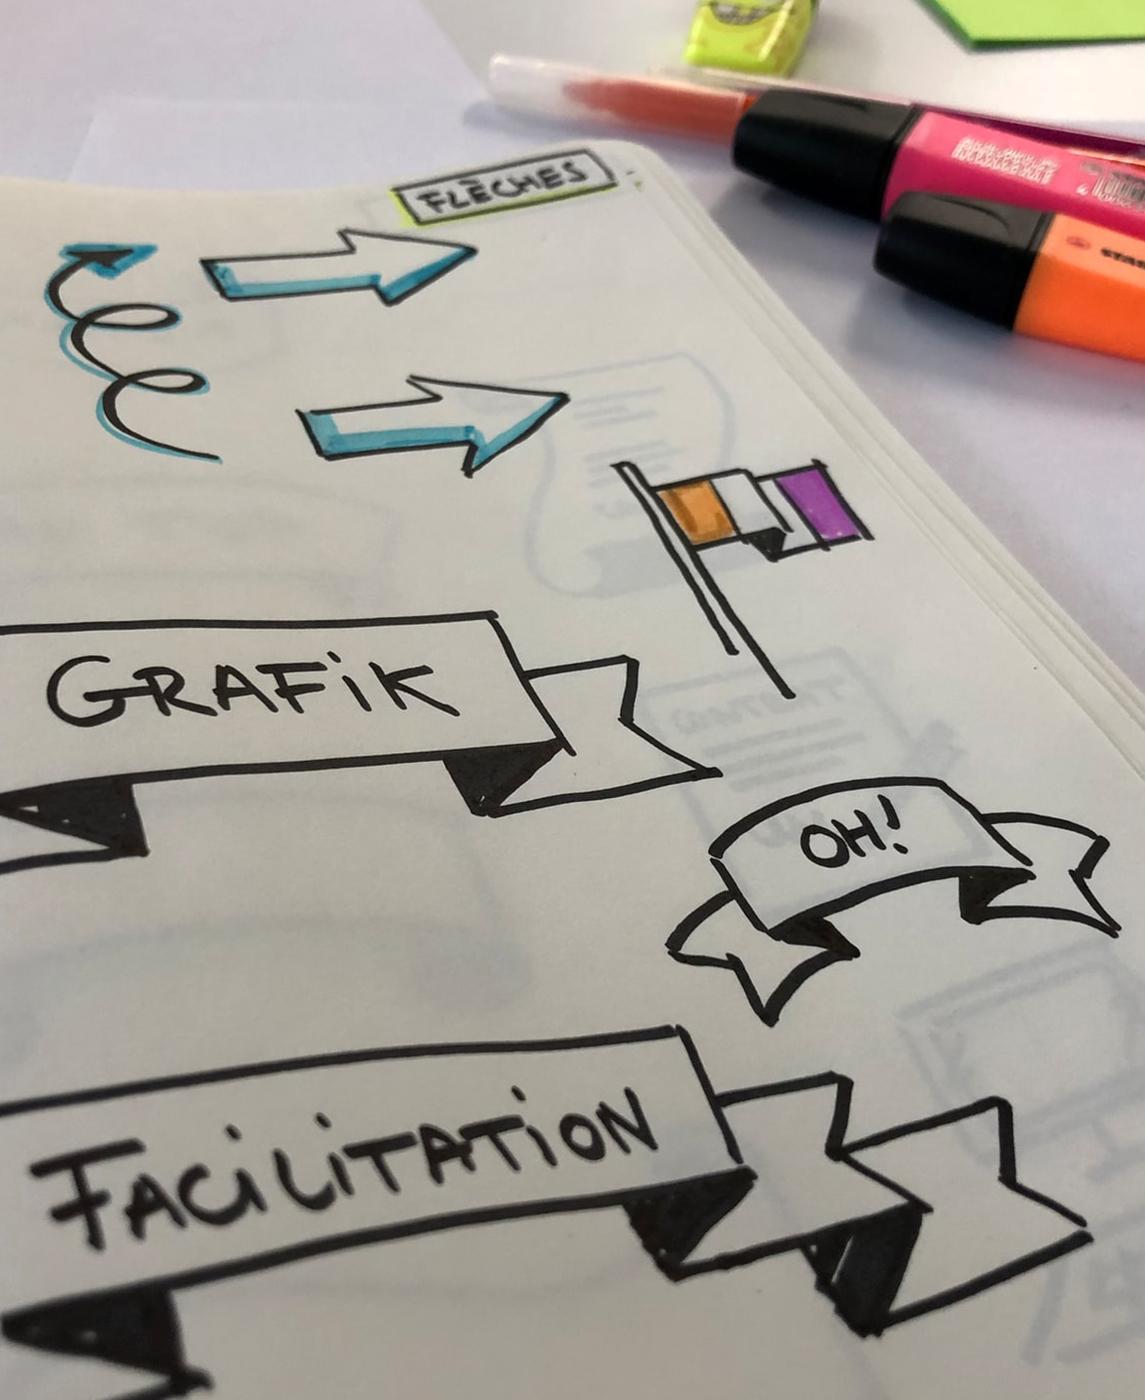 02. Design Gráfico & Comunicação Visual